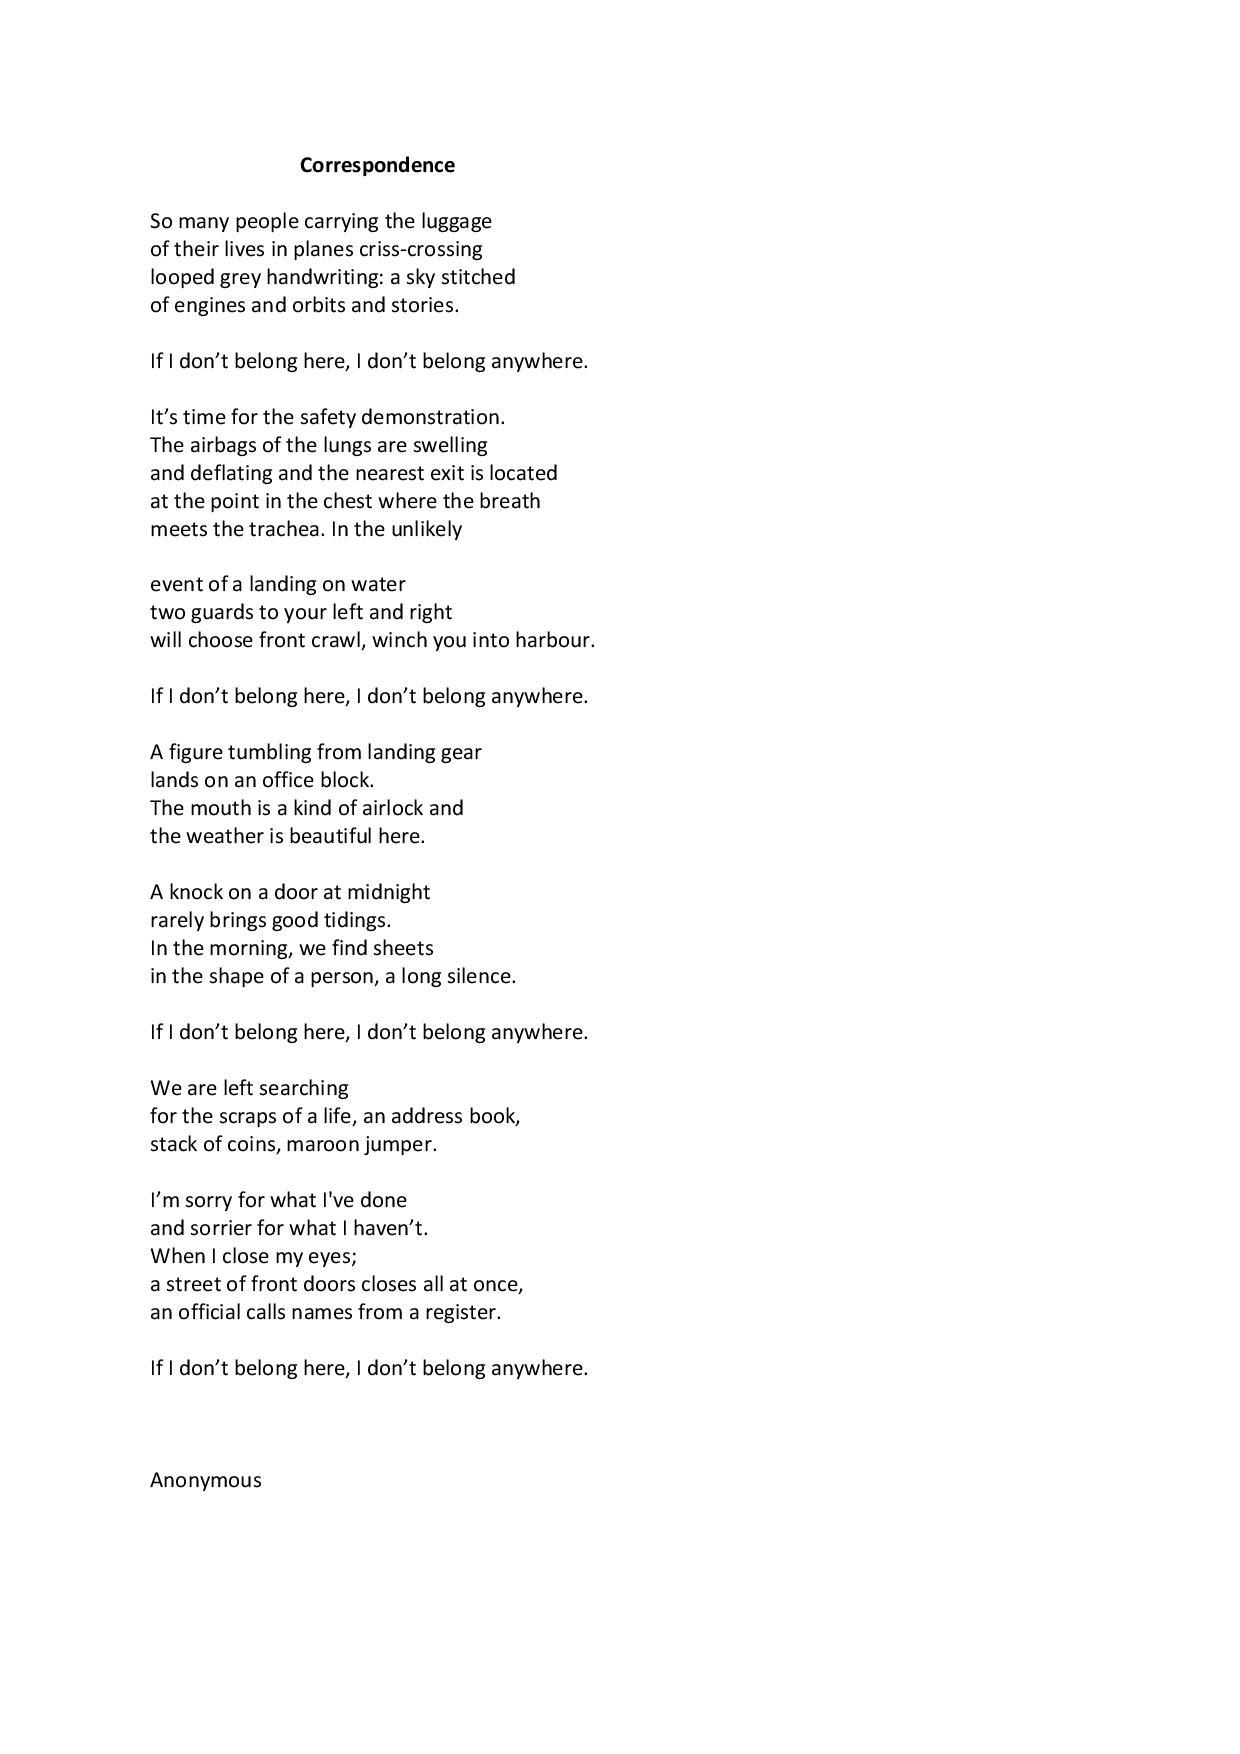 39. Anonymous Poet